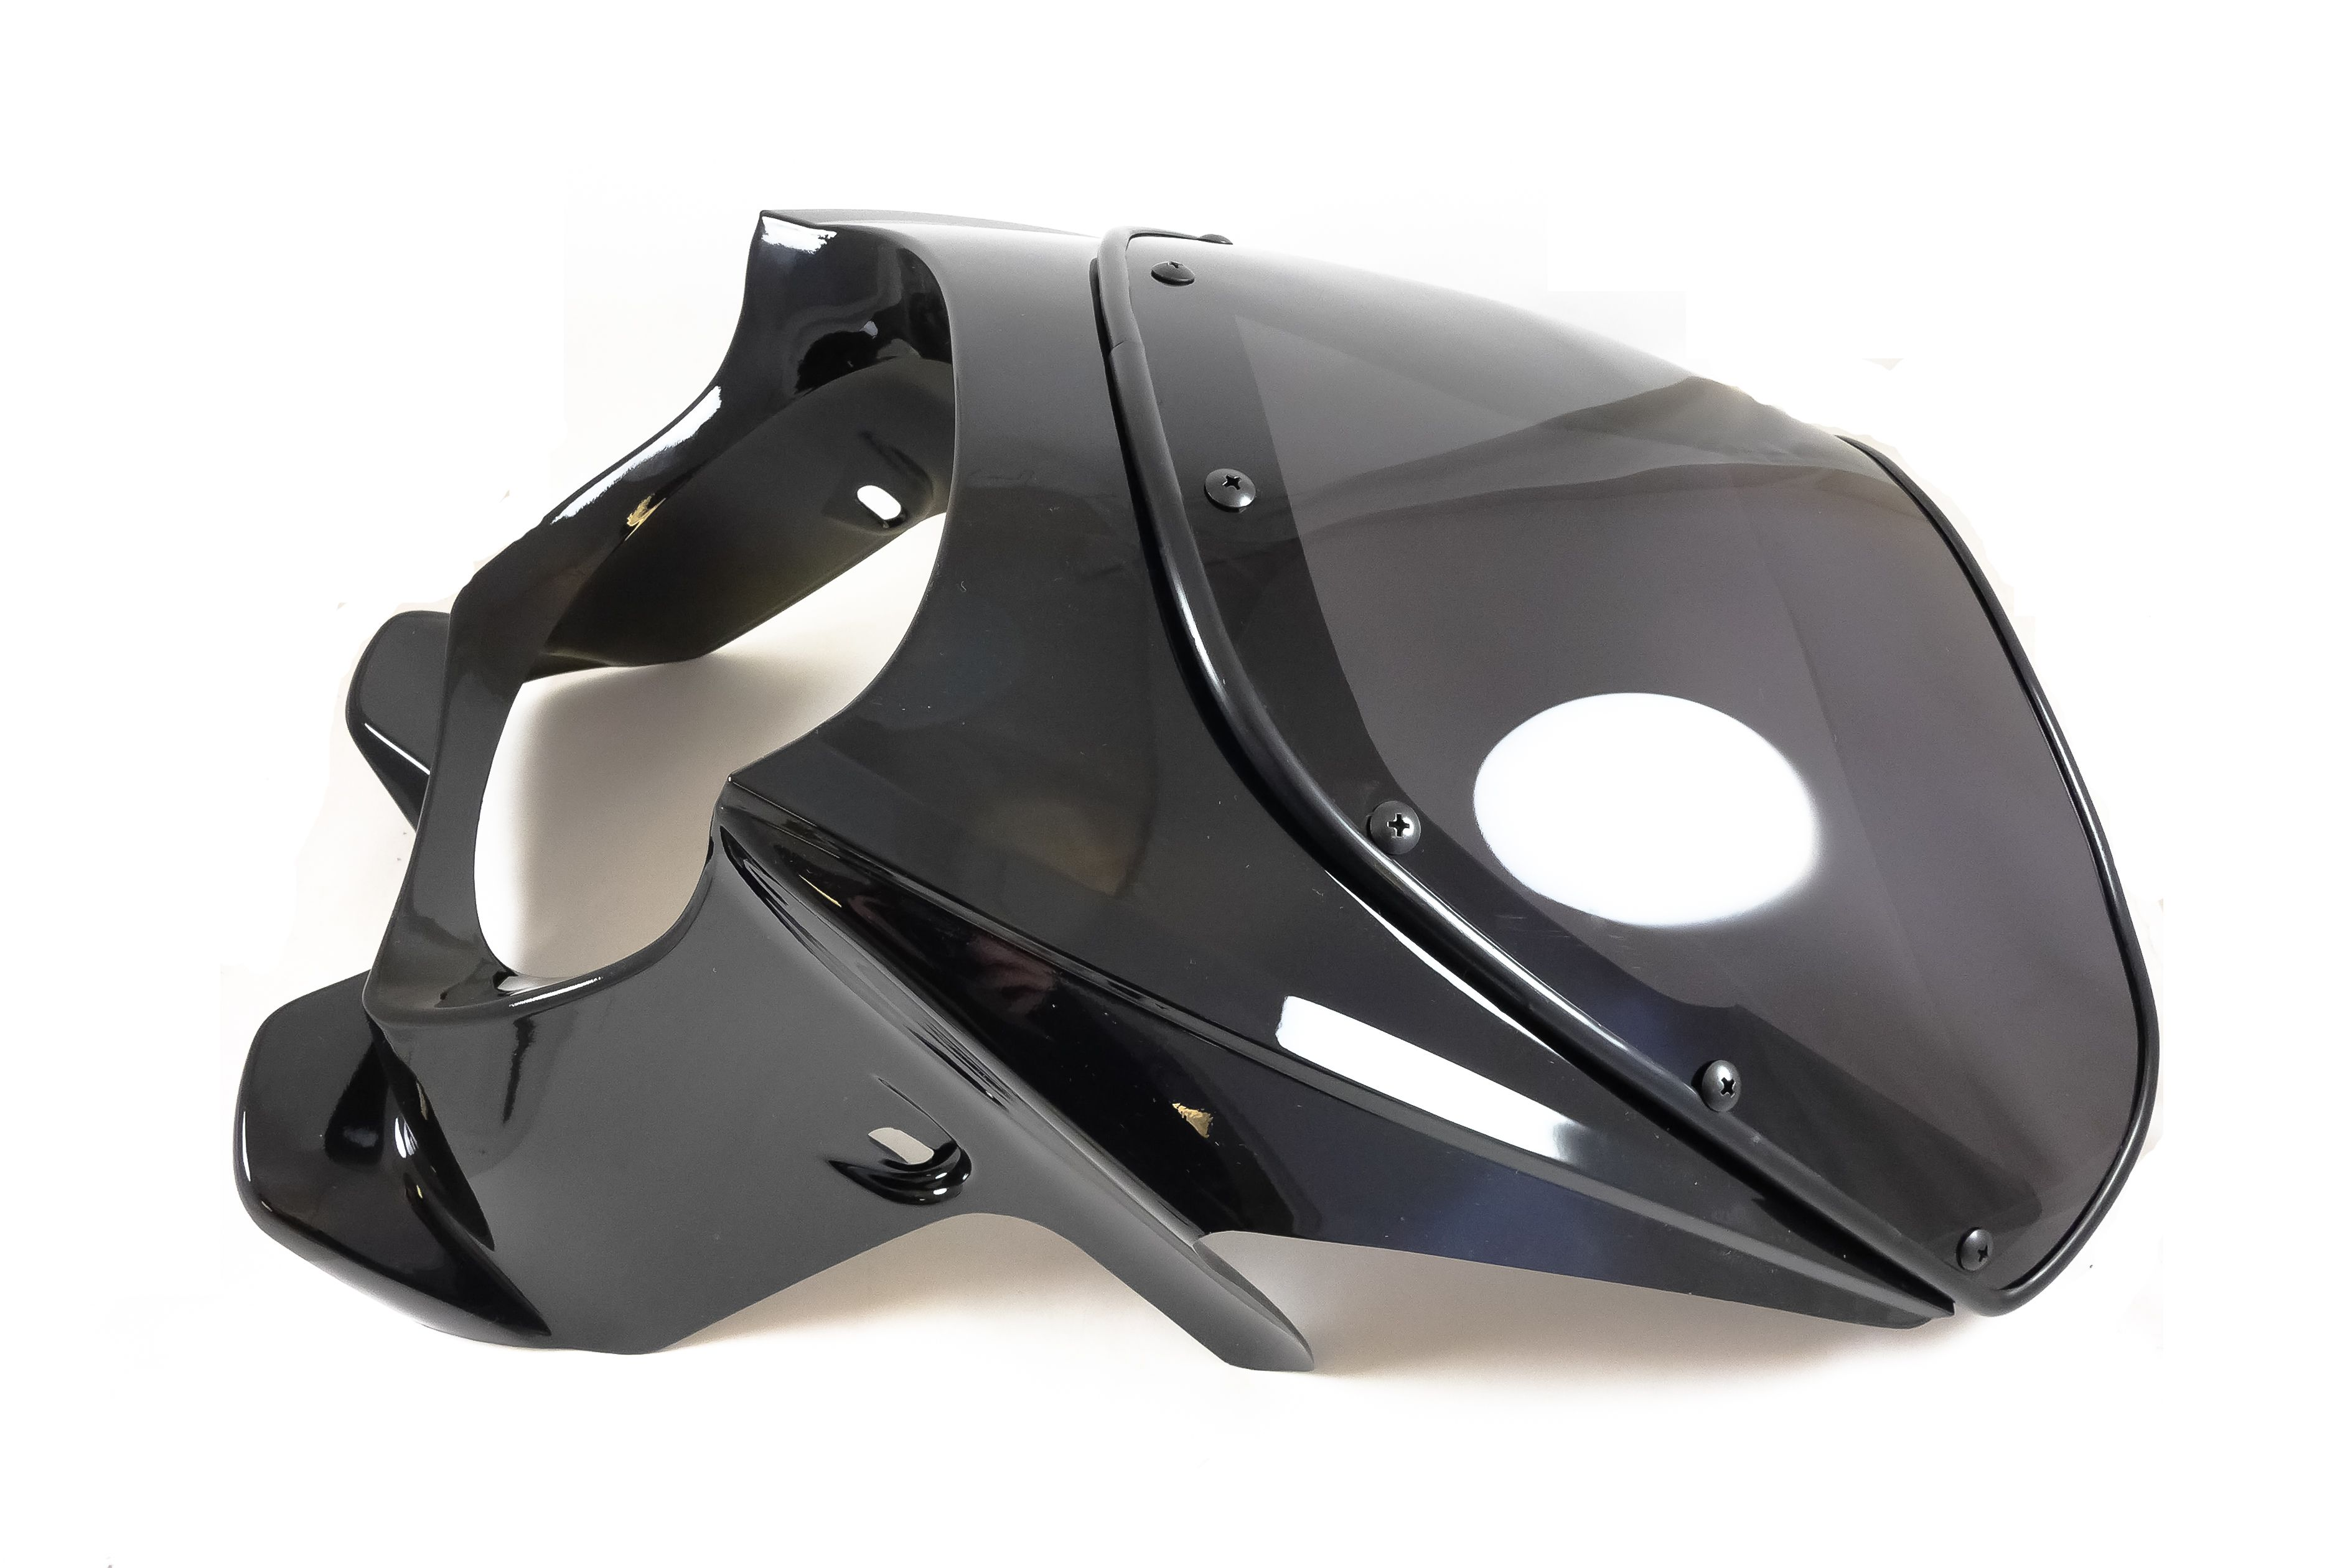 Venom Mk Ii Cafe Racer 1 4 Fairing Windshield Fits 7 Round